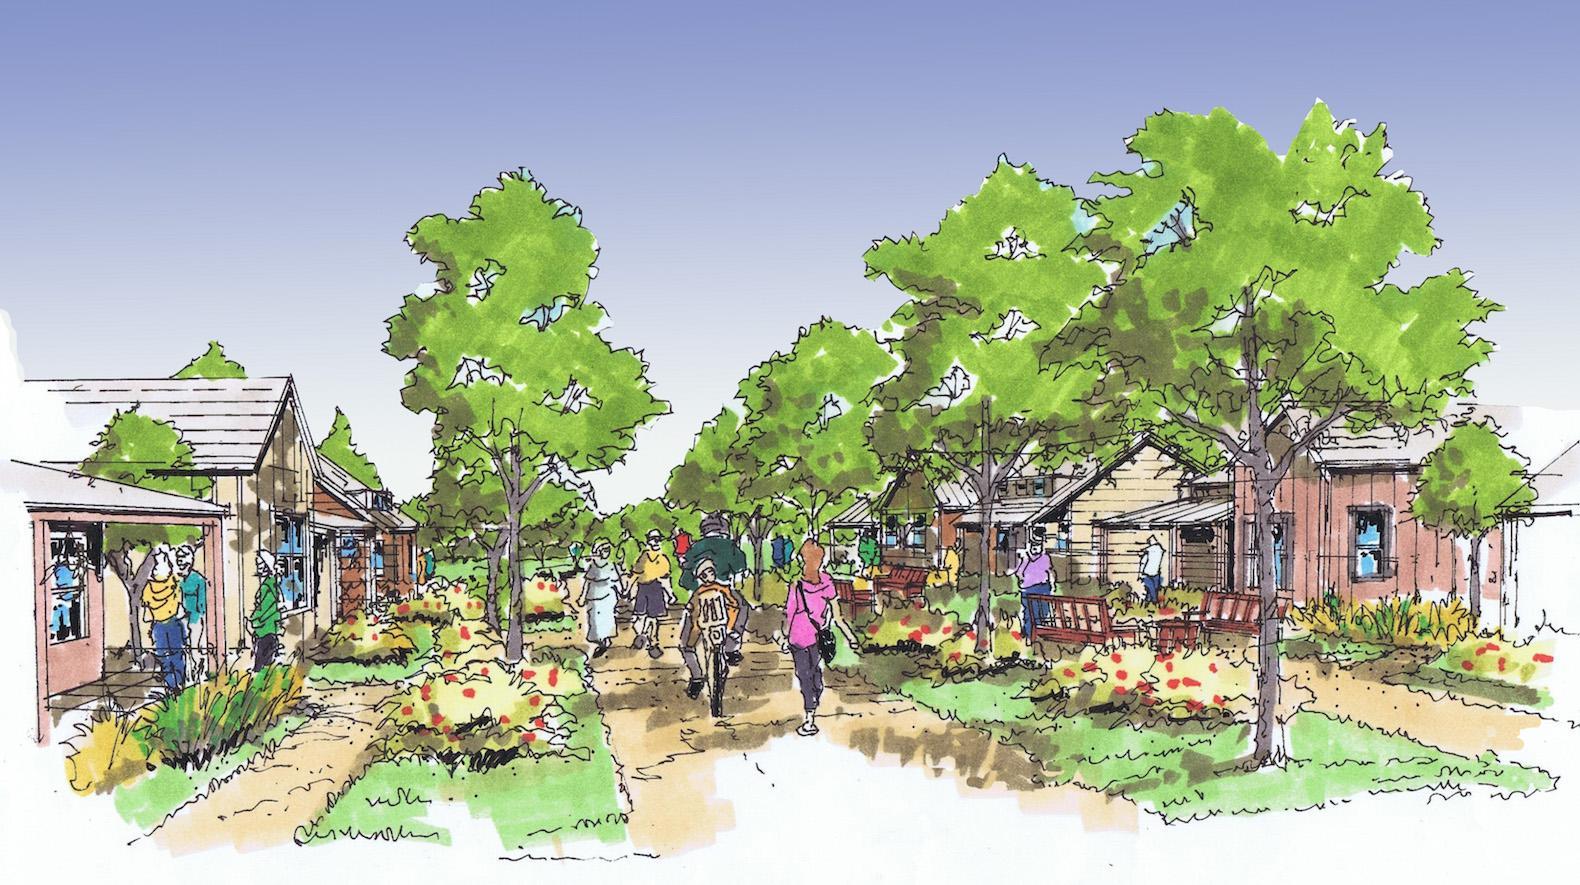 green town / sustainable neighbourhood